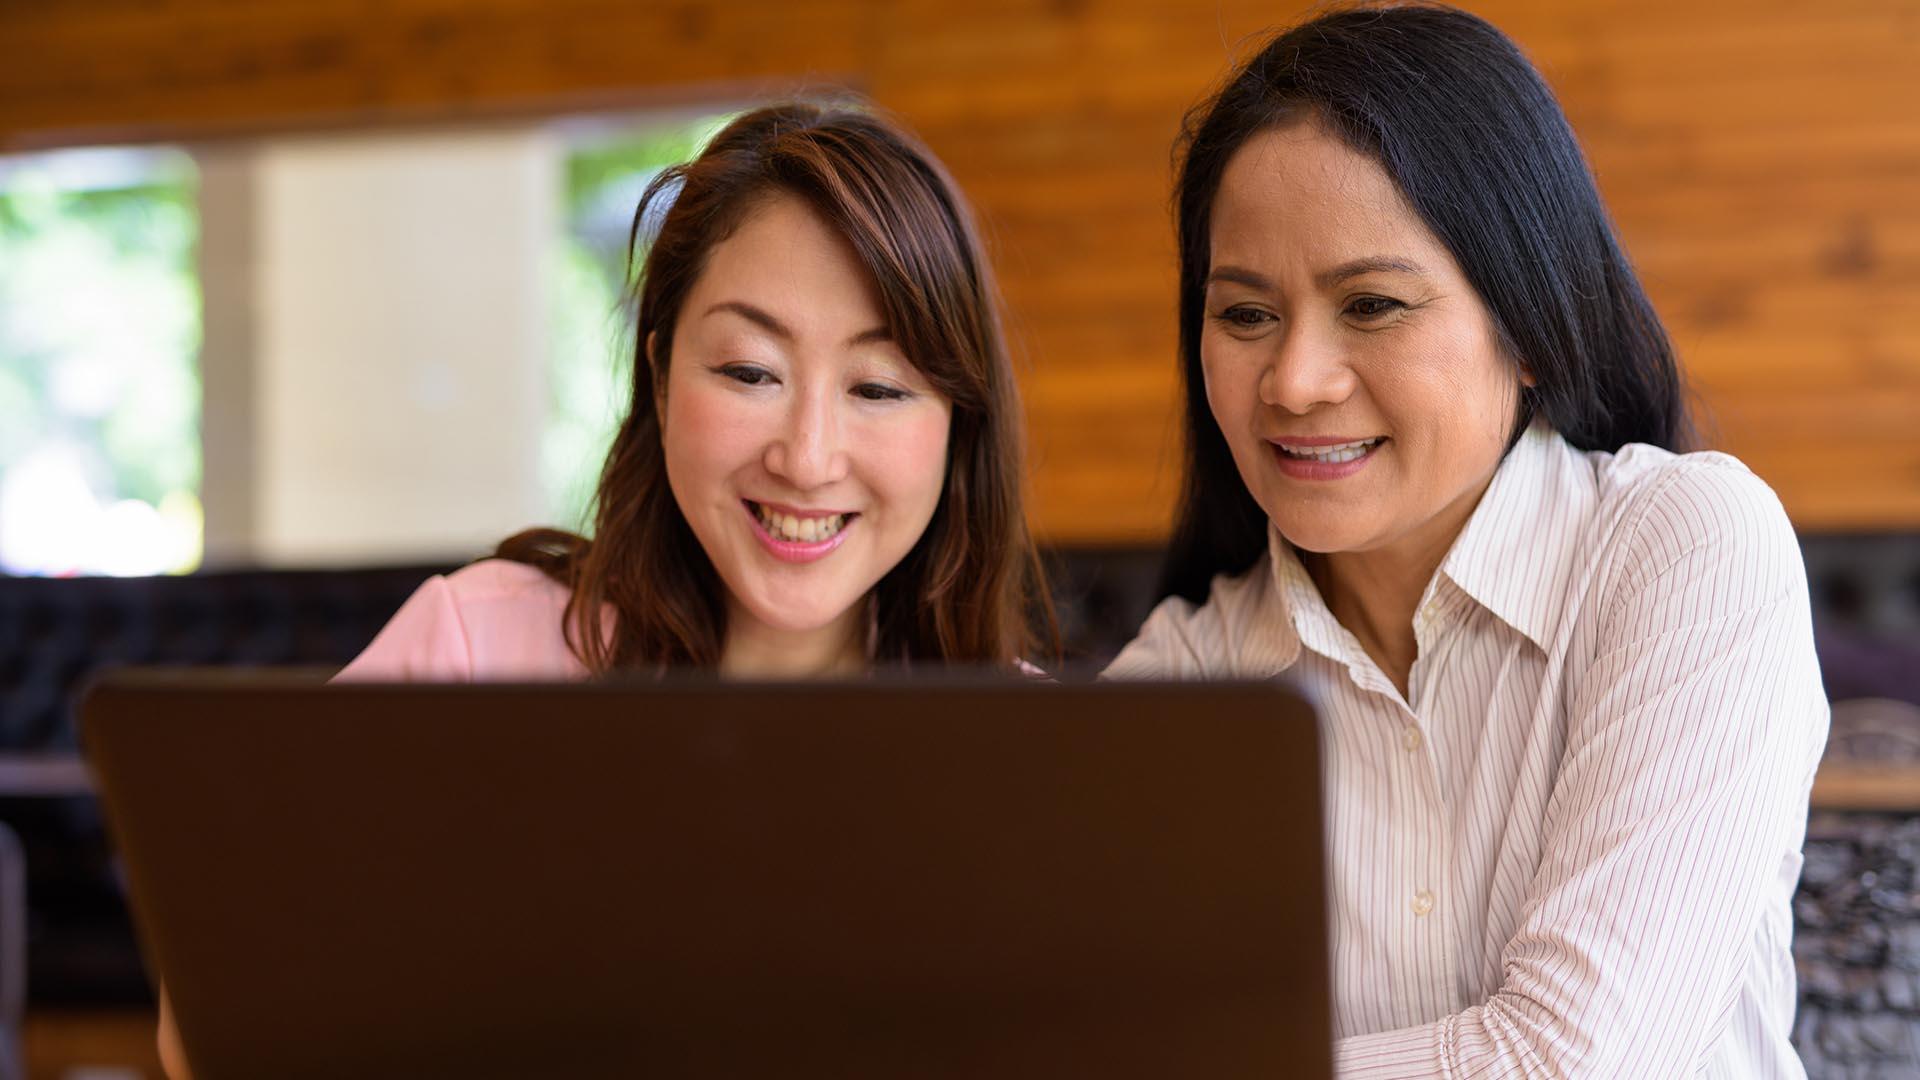 รูปผู้หญิงสองคนกำลังจ้องมองหน้าจอแล็ปท็อป